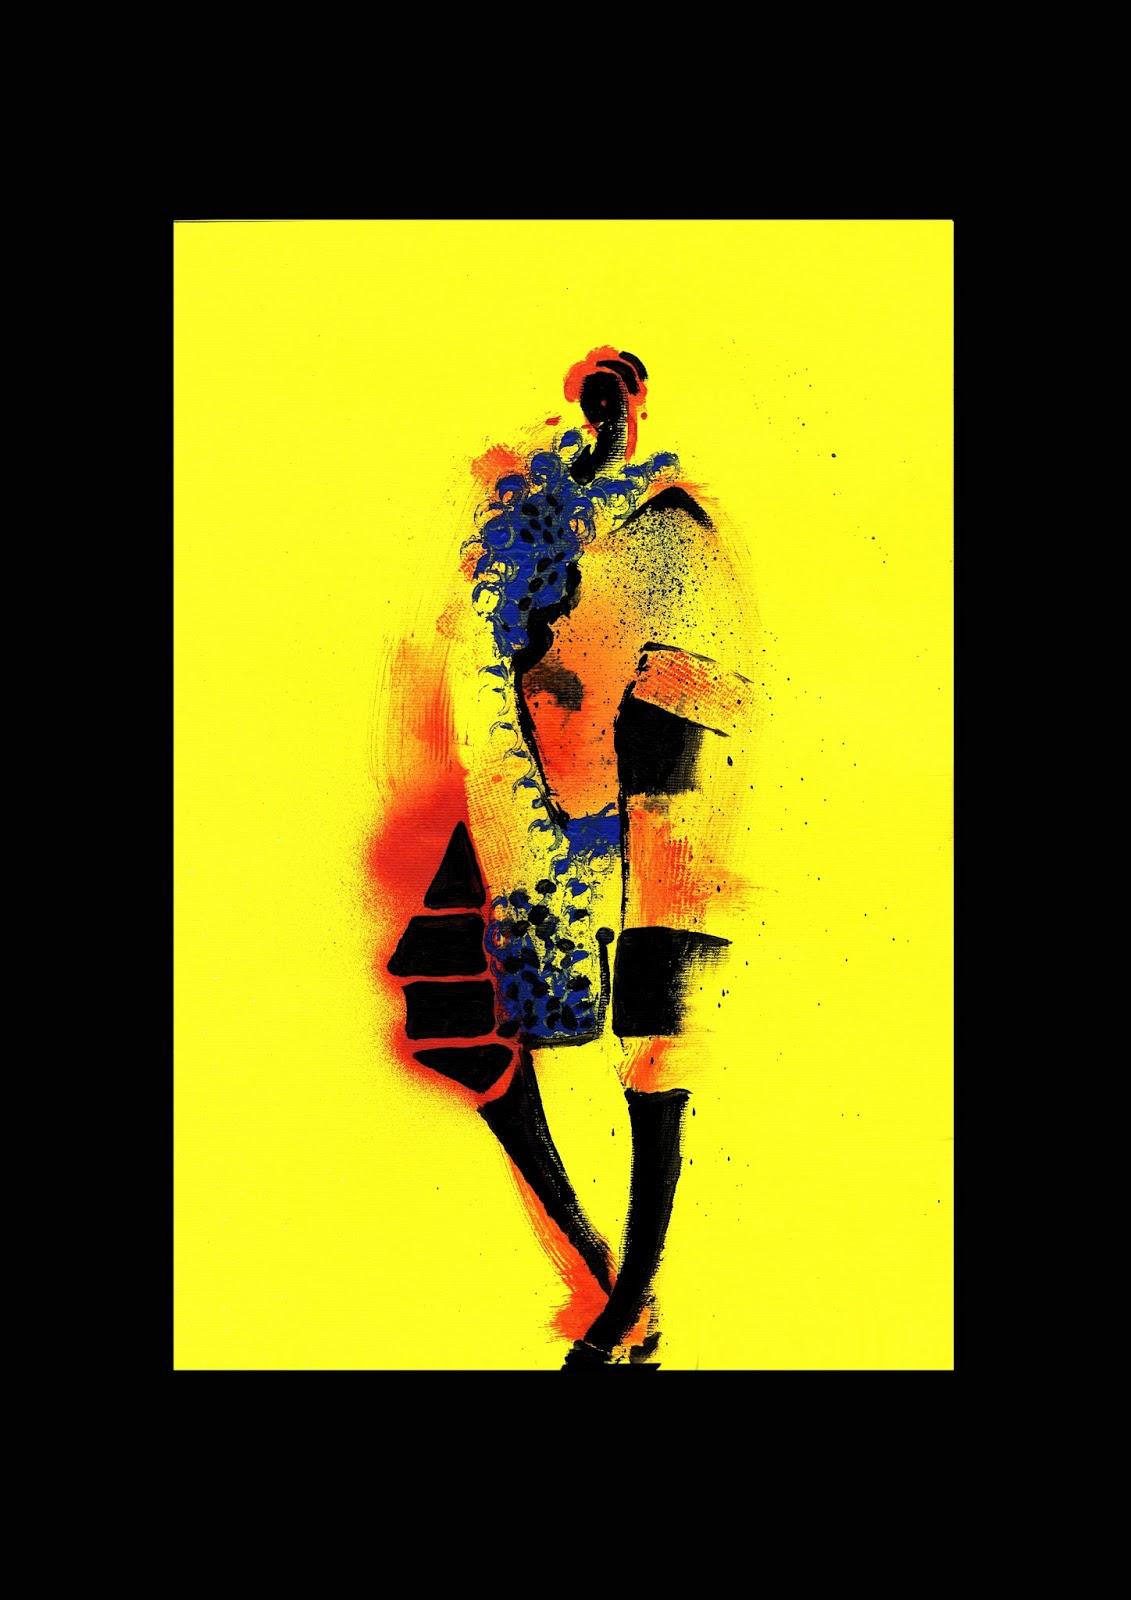 Spray Paint And Spray Printing 07 Of November 2012 By Sarashka Sarashka